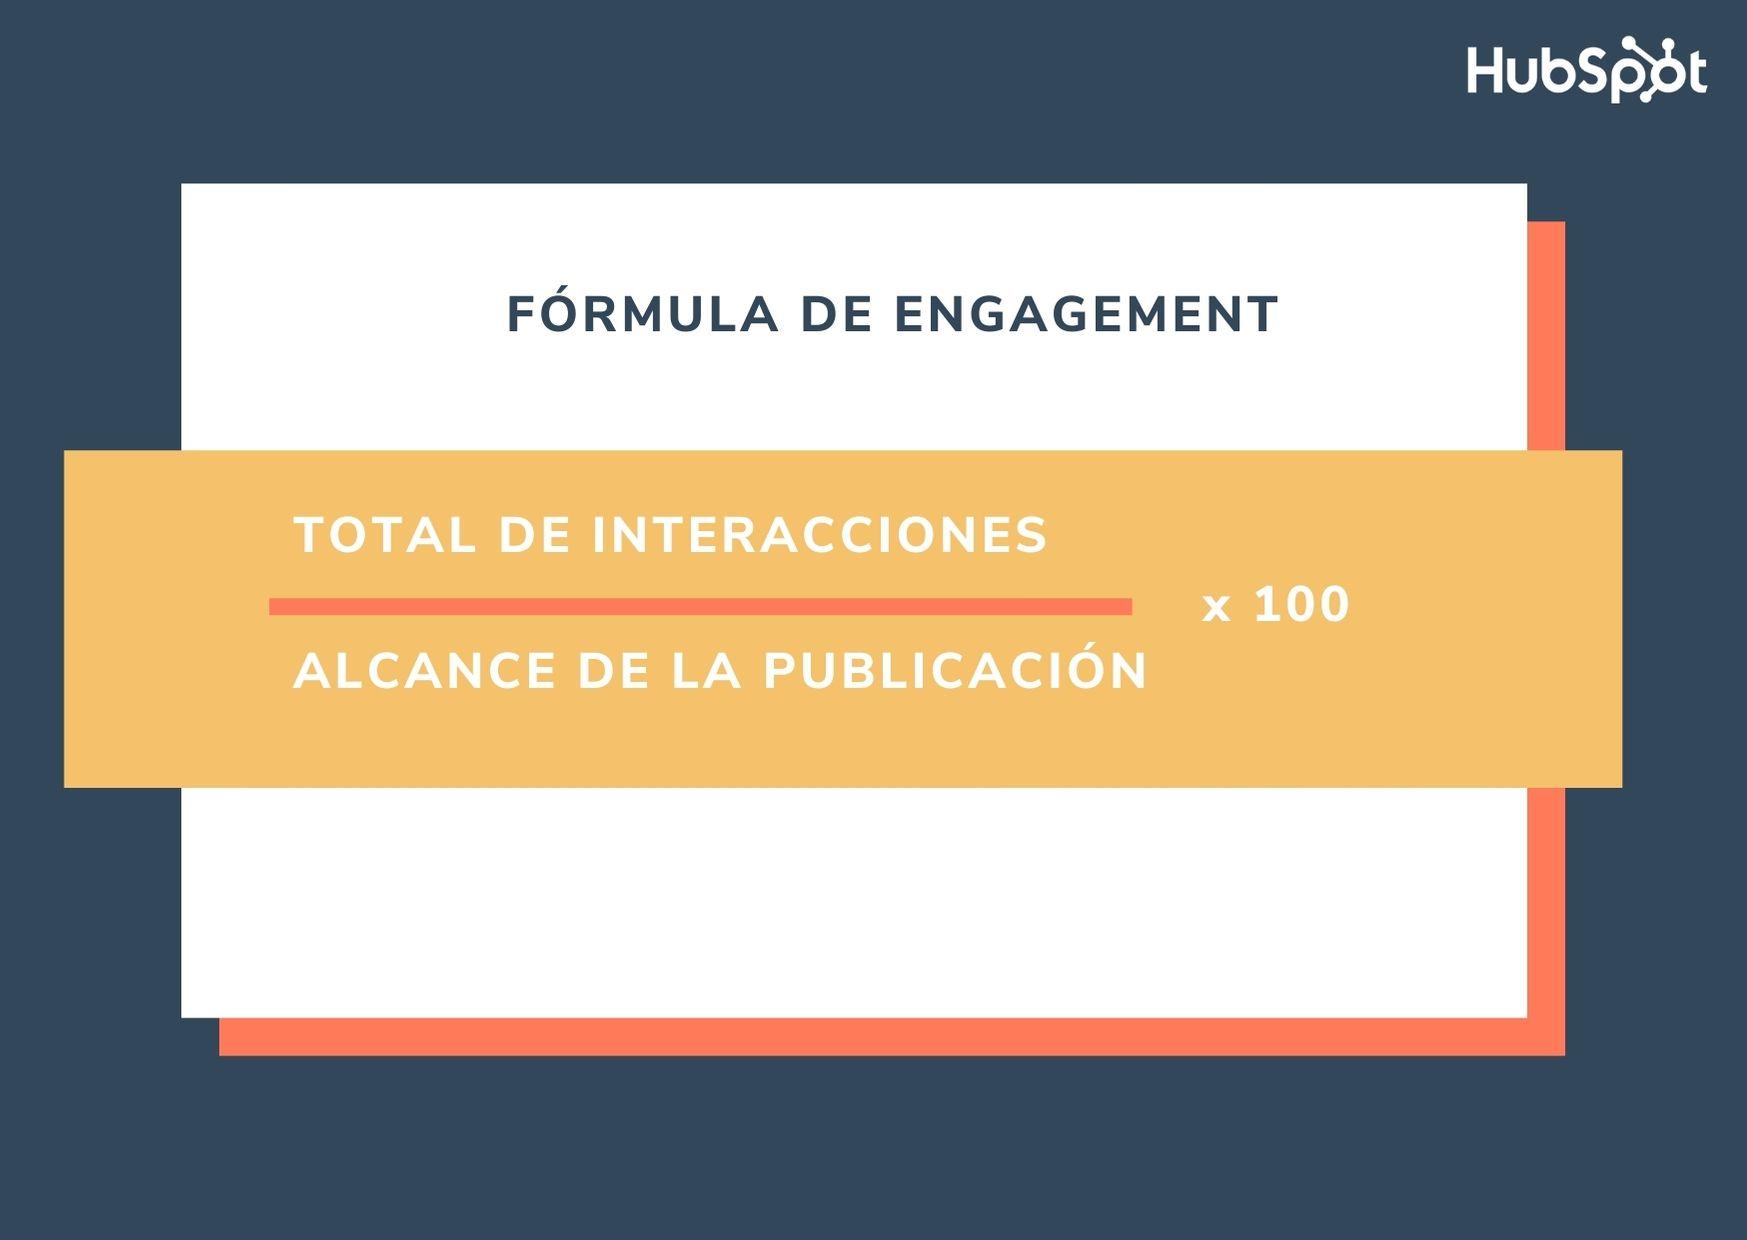 Fórmula general para calcular el engagement de una publicación